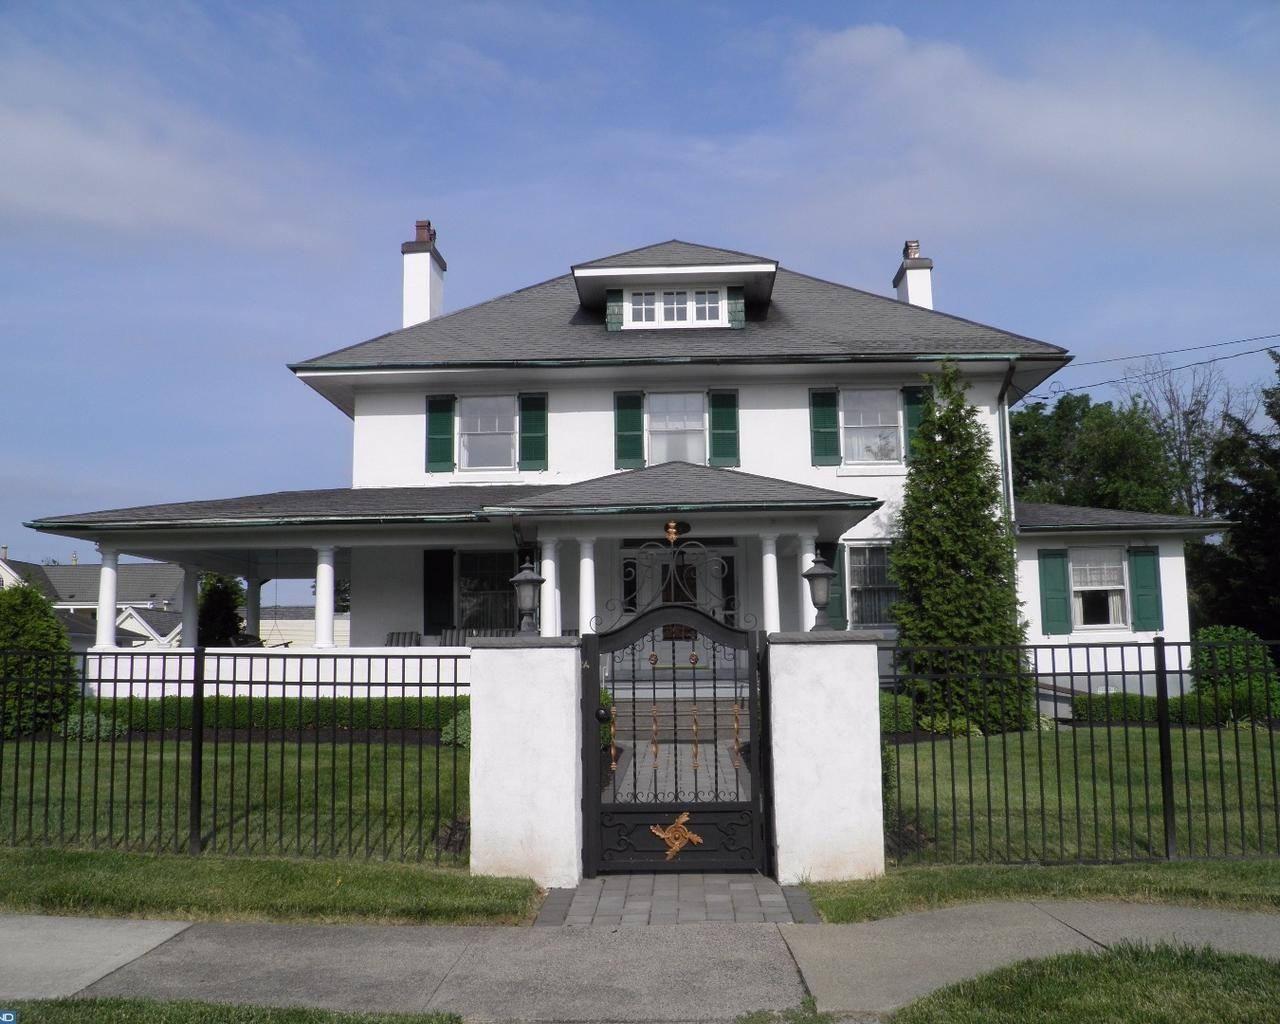 34 S 10TH ST, QUAKERTOWN, PA 18951 BHHS Fox & Roach